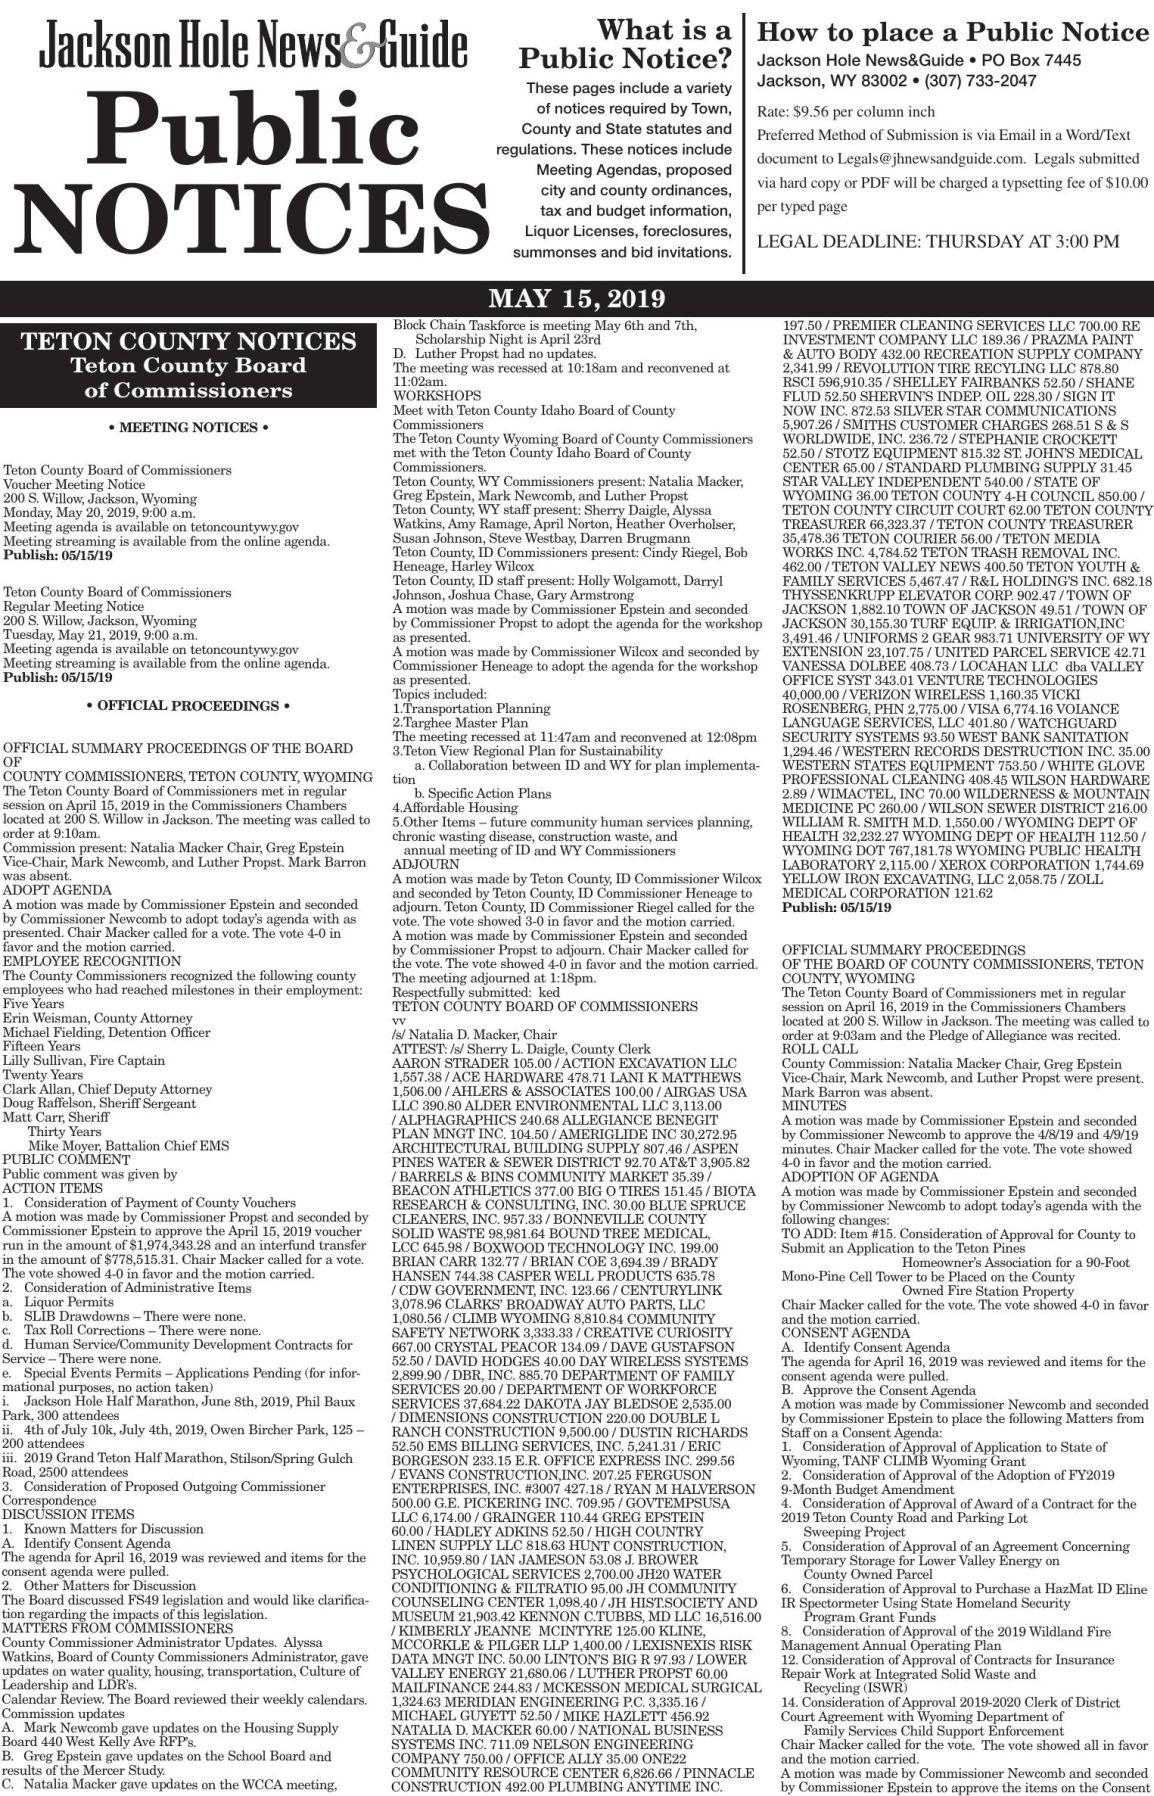 Public Notices, May 15, 2019